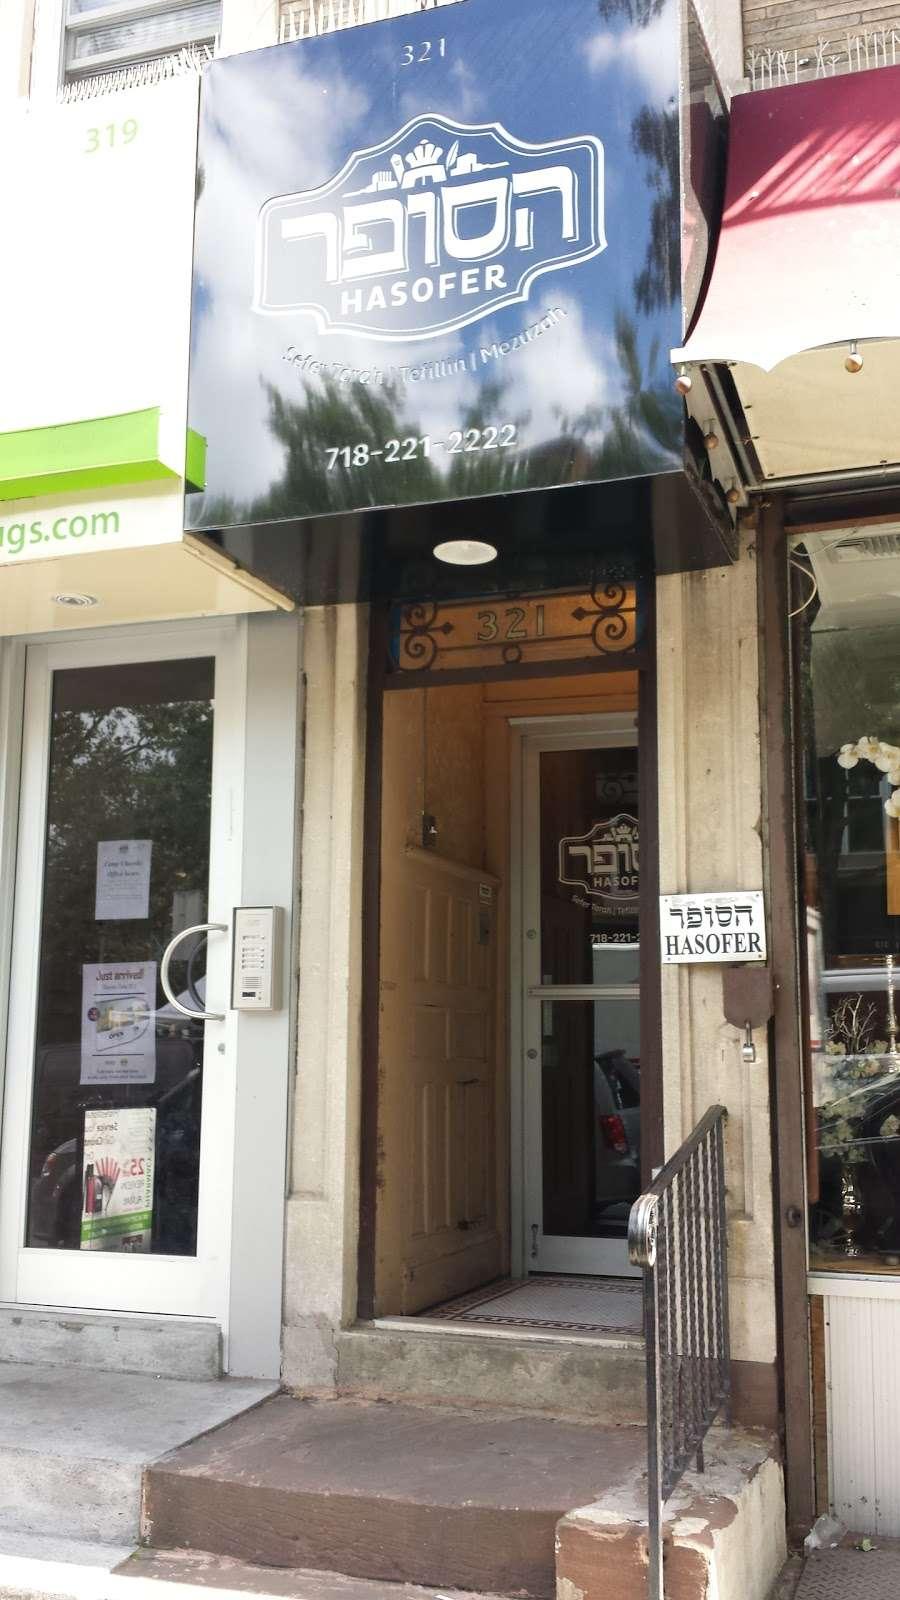 Hasofer, Inc. - store    Photo 1 of 3   Address: 321 Kingston Ave, Brooklyn, NY 11213, USA   Phone: (718) 221-2222